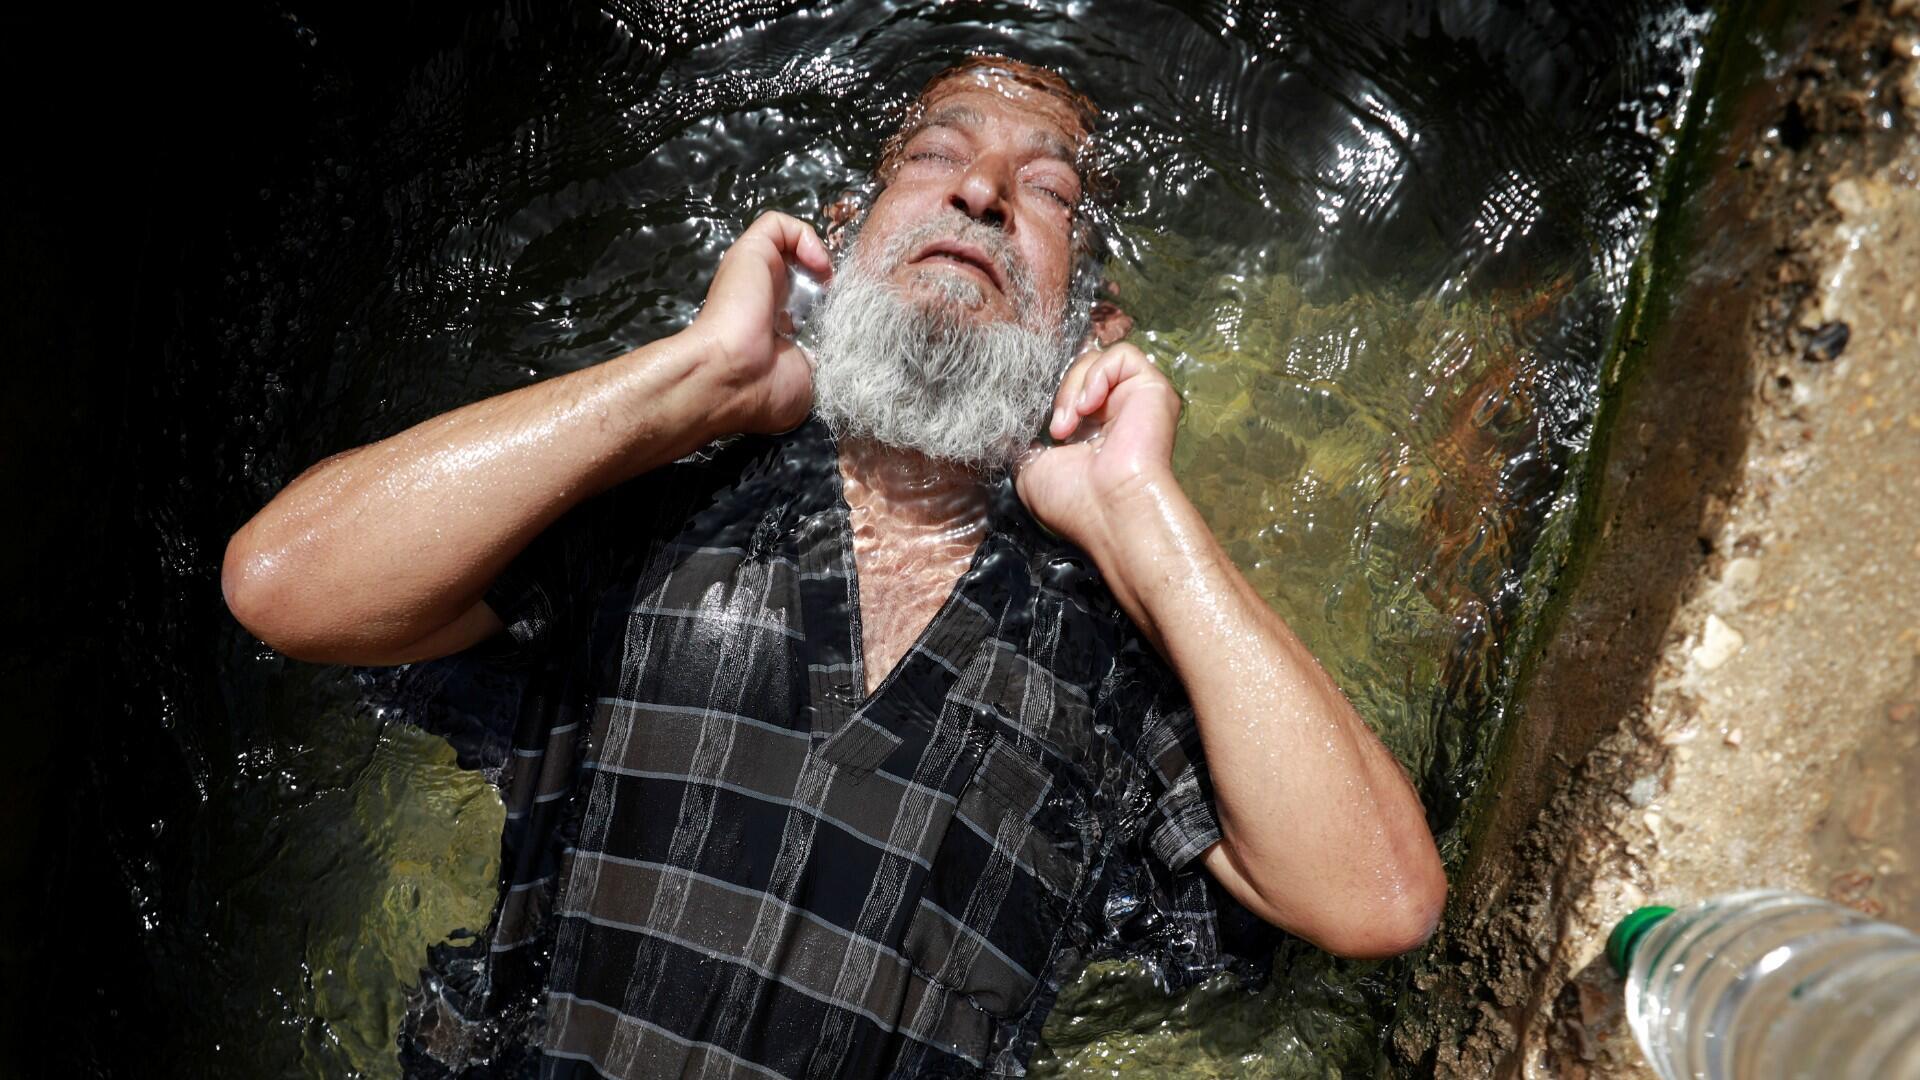 Un hombre palestino se sumerge en el agua de un manantial natural para refrescarse durante una ola de calor, en medio de las preocupaciones sobre la propagación de la enfermedad por coronavirus (COVID-19), cerca de Jericó en la Ribera Occidental ocupada por Israel el 17 de mayo de 2020.